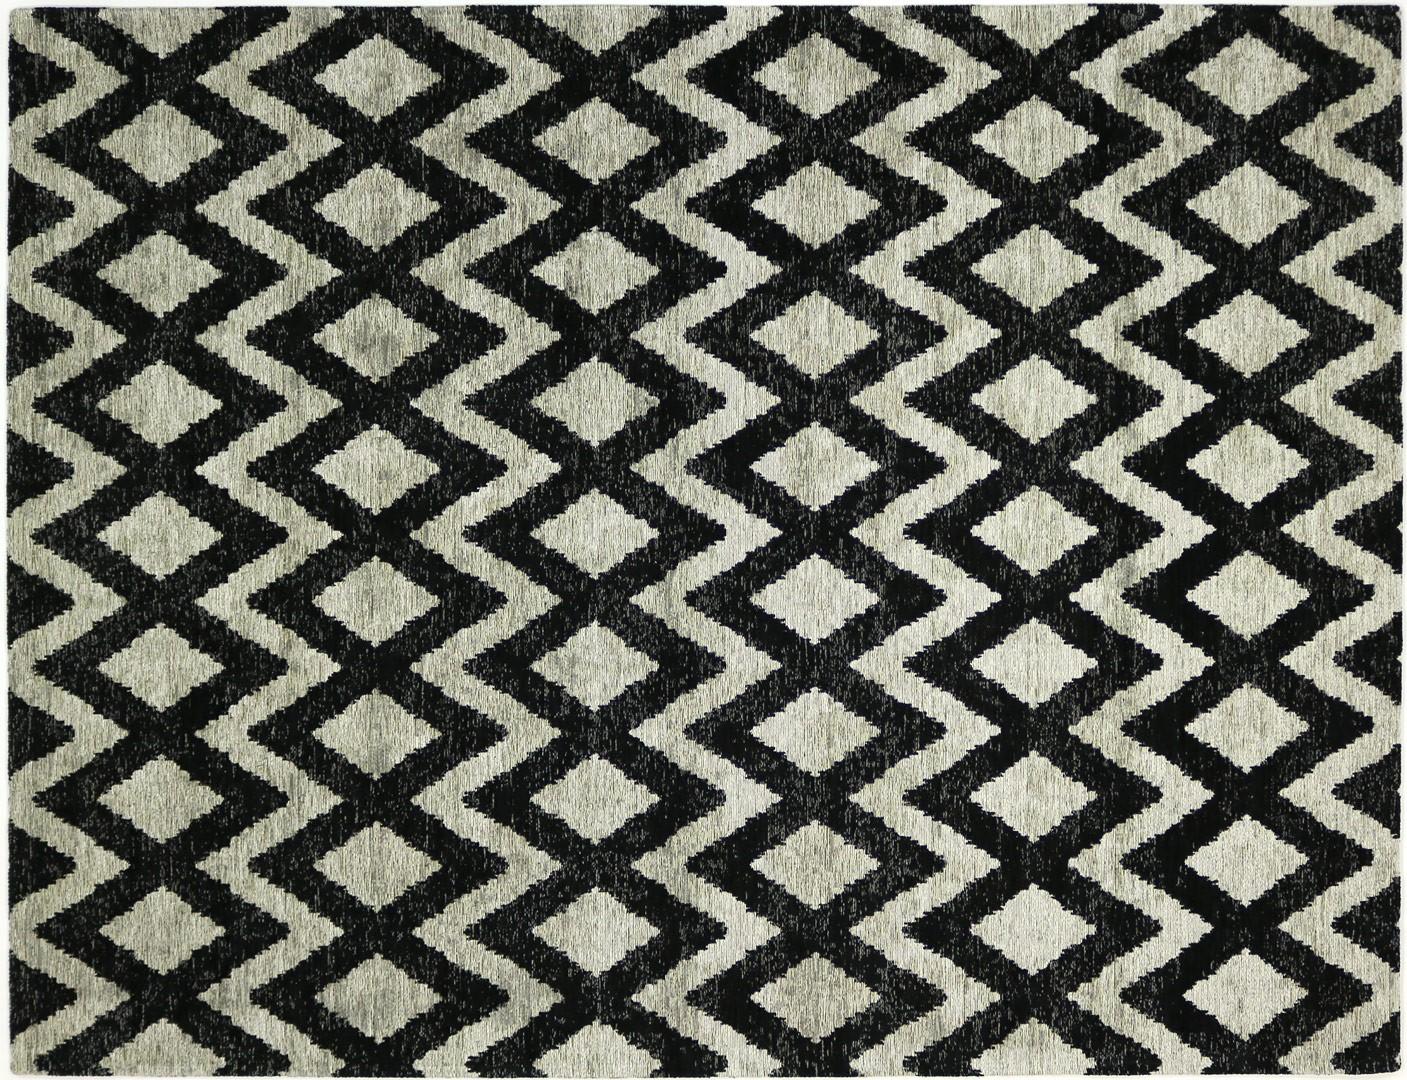 Tapis géométrique plat rectangle beige et noir Rombina